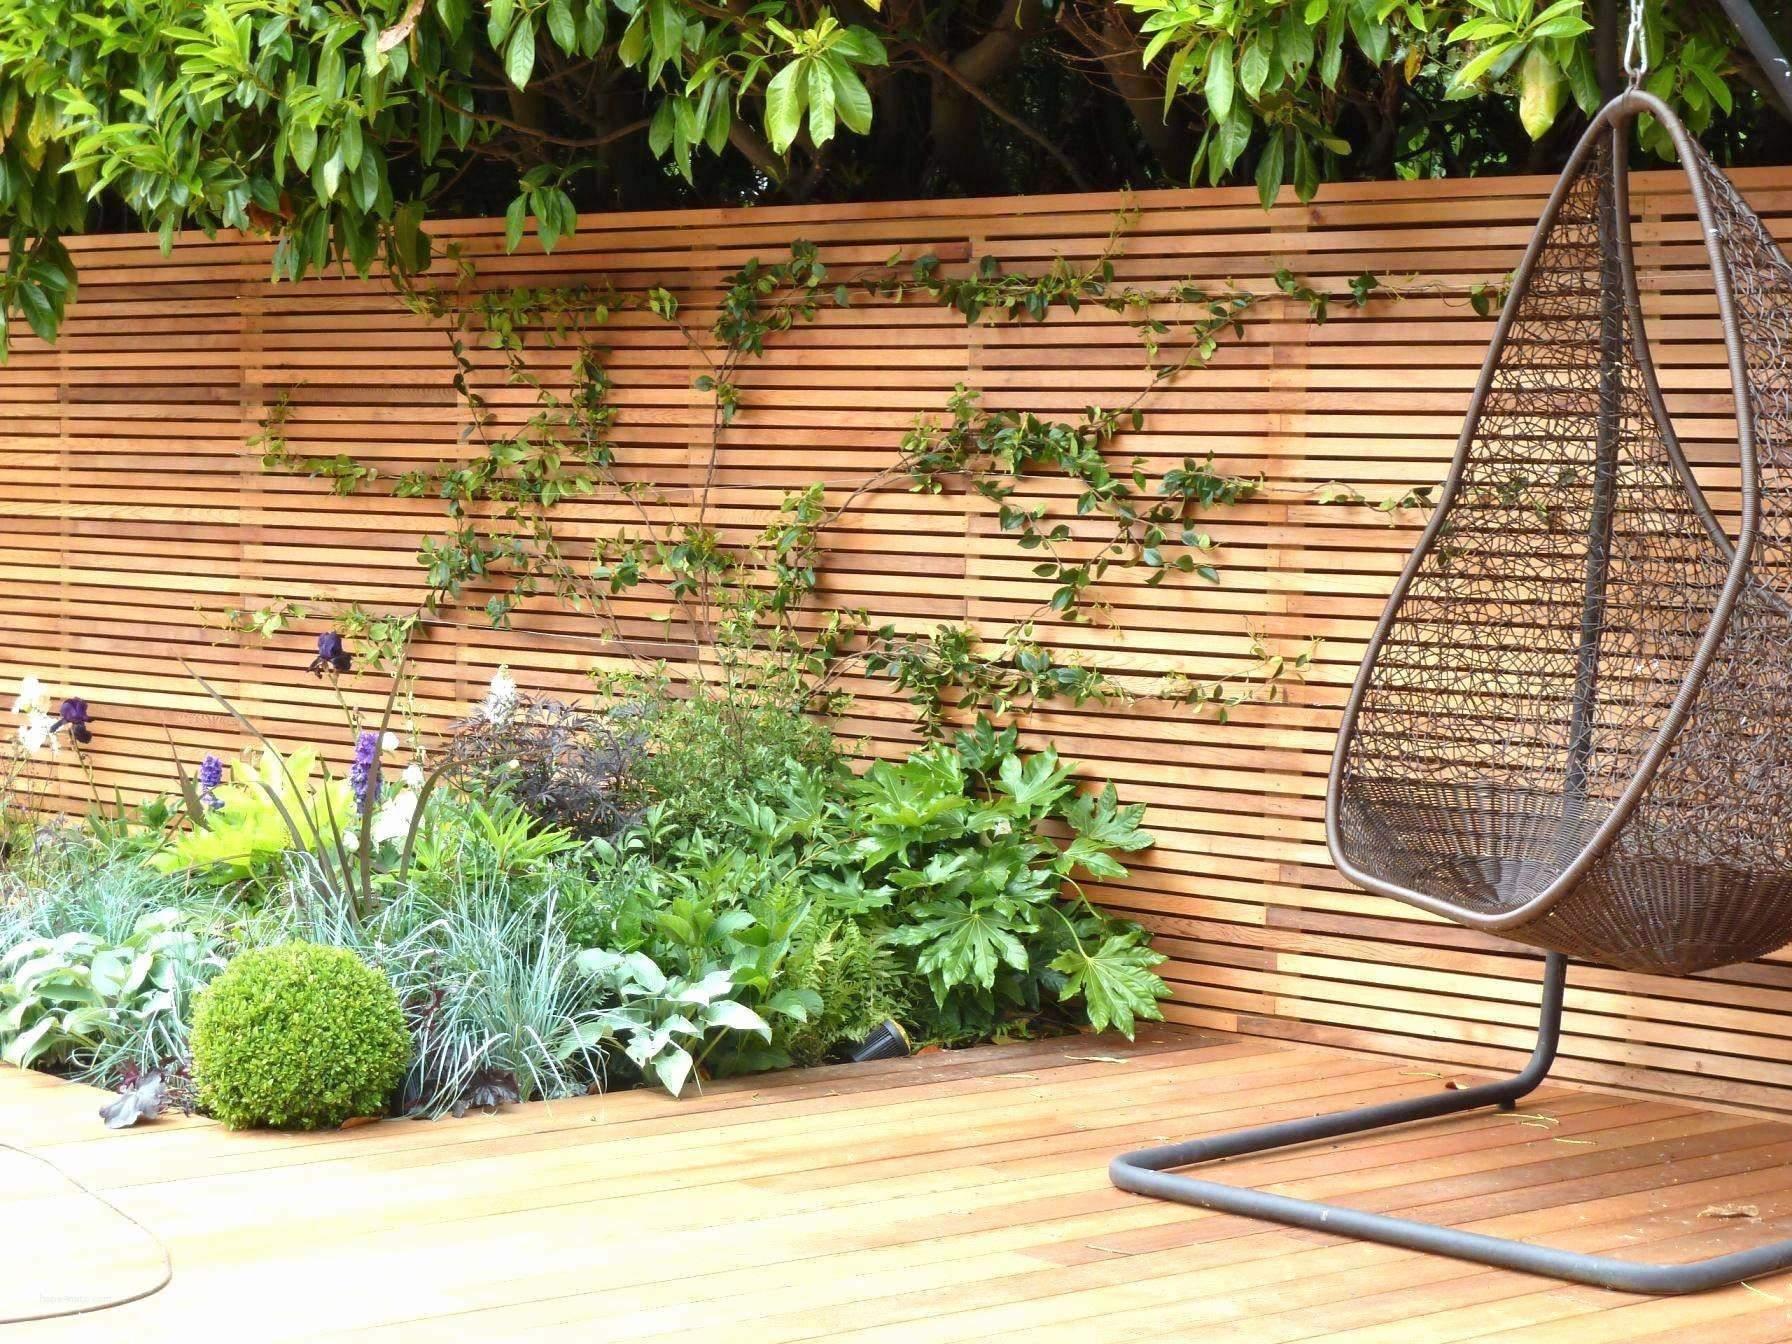 Garten Ideen Sichtschutz Einzigartig Blumen Garten Ideen Garten Sichtschutz Genial Beste